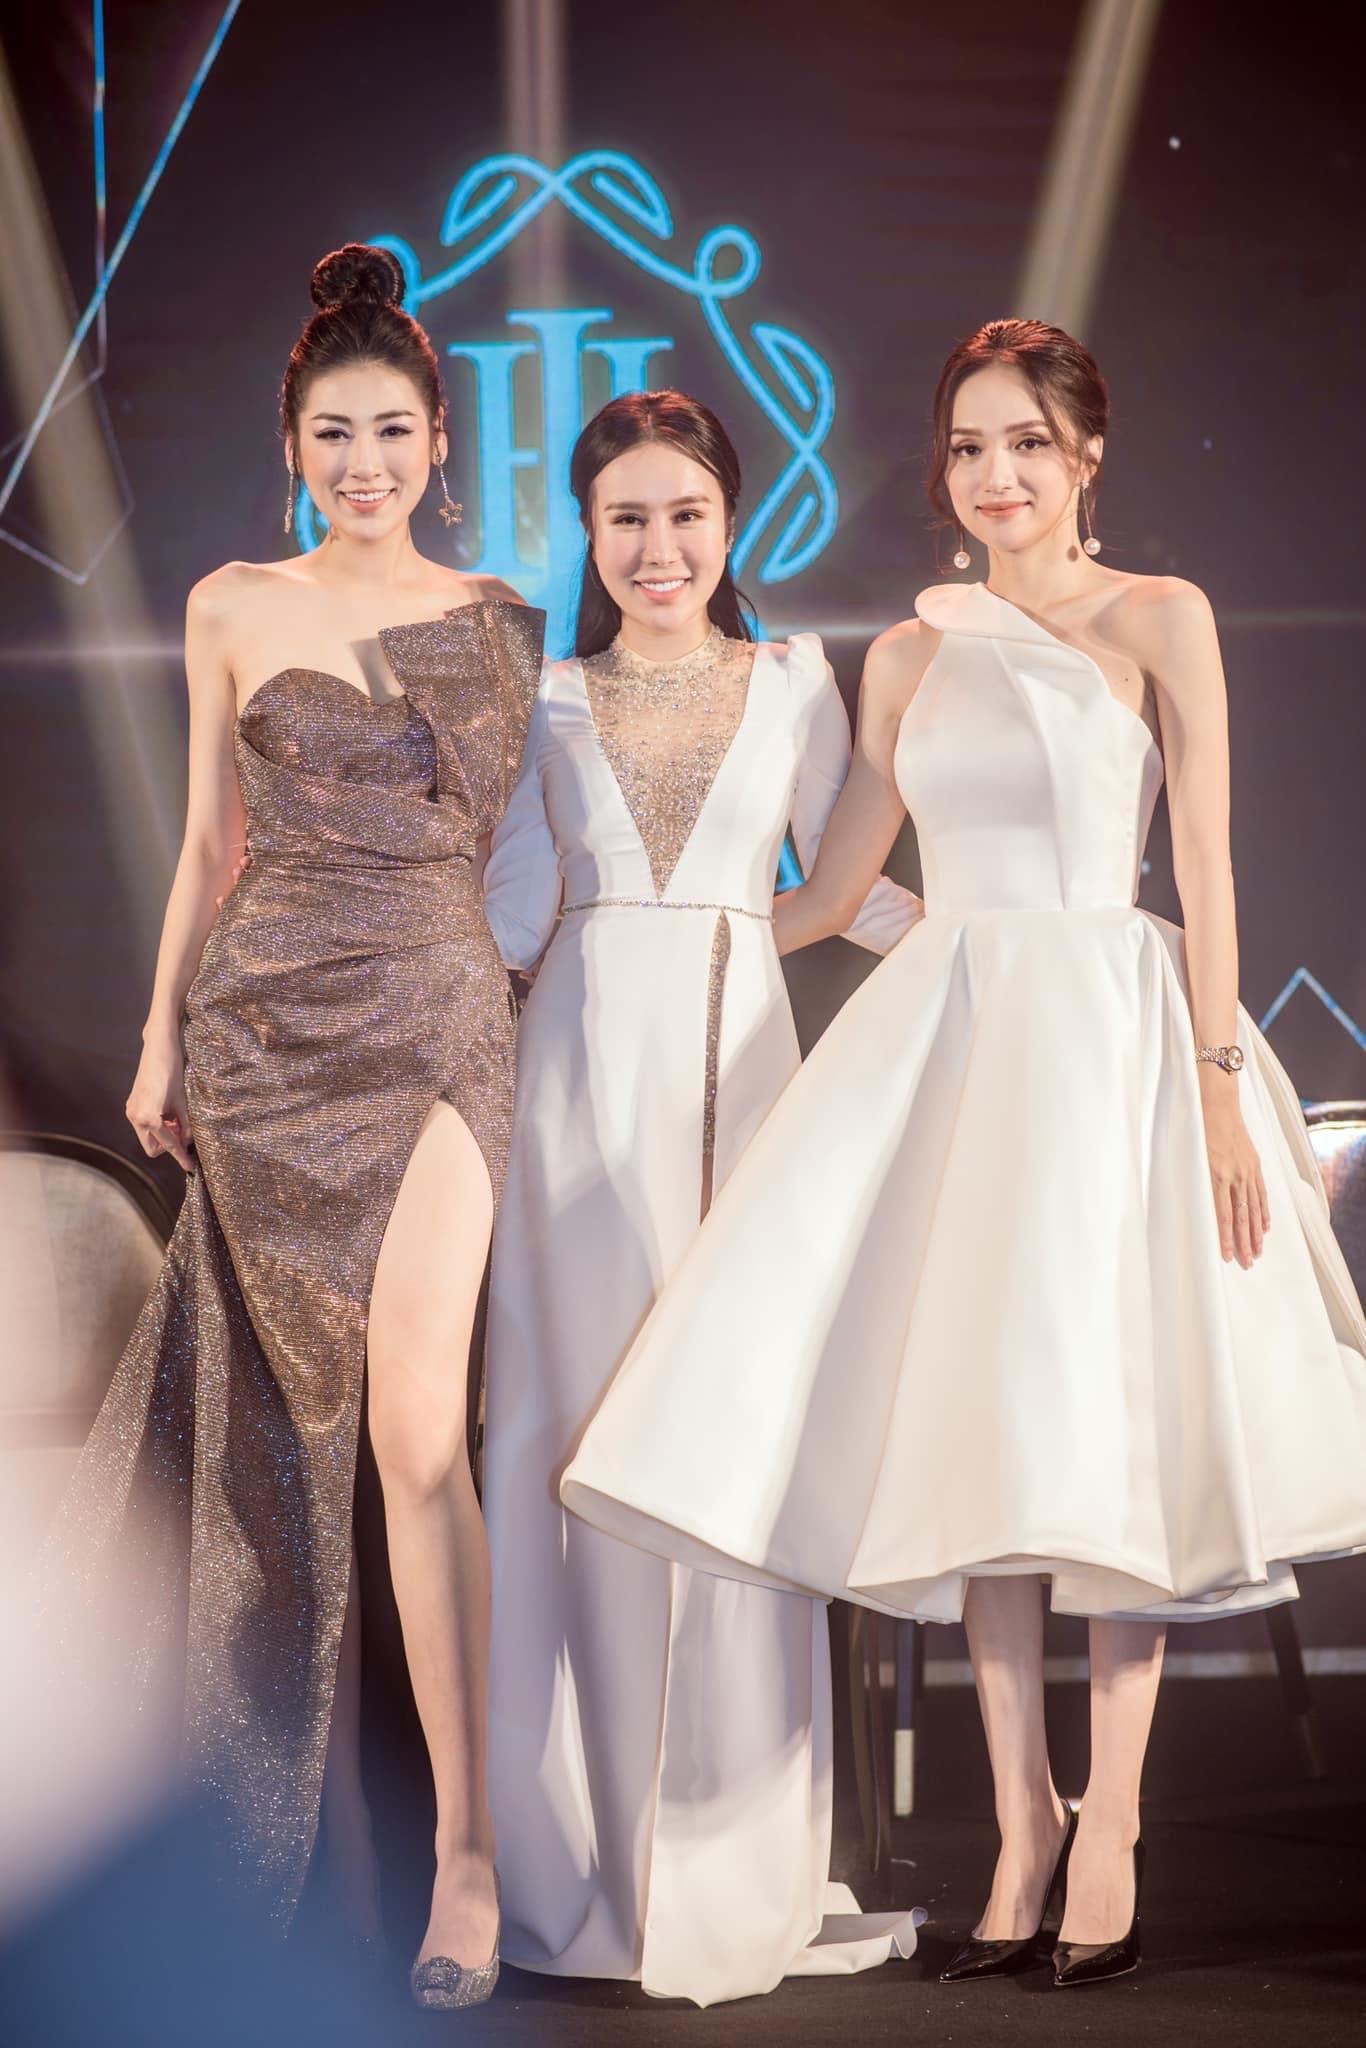 Lễ ra mắt cực đỉnh của mỹ phẩm Hemia: Quy tụ dàn sao khủng showbiz Việt - Ảnh 4.